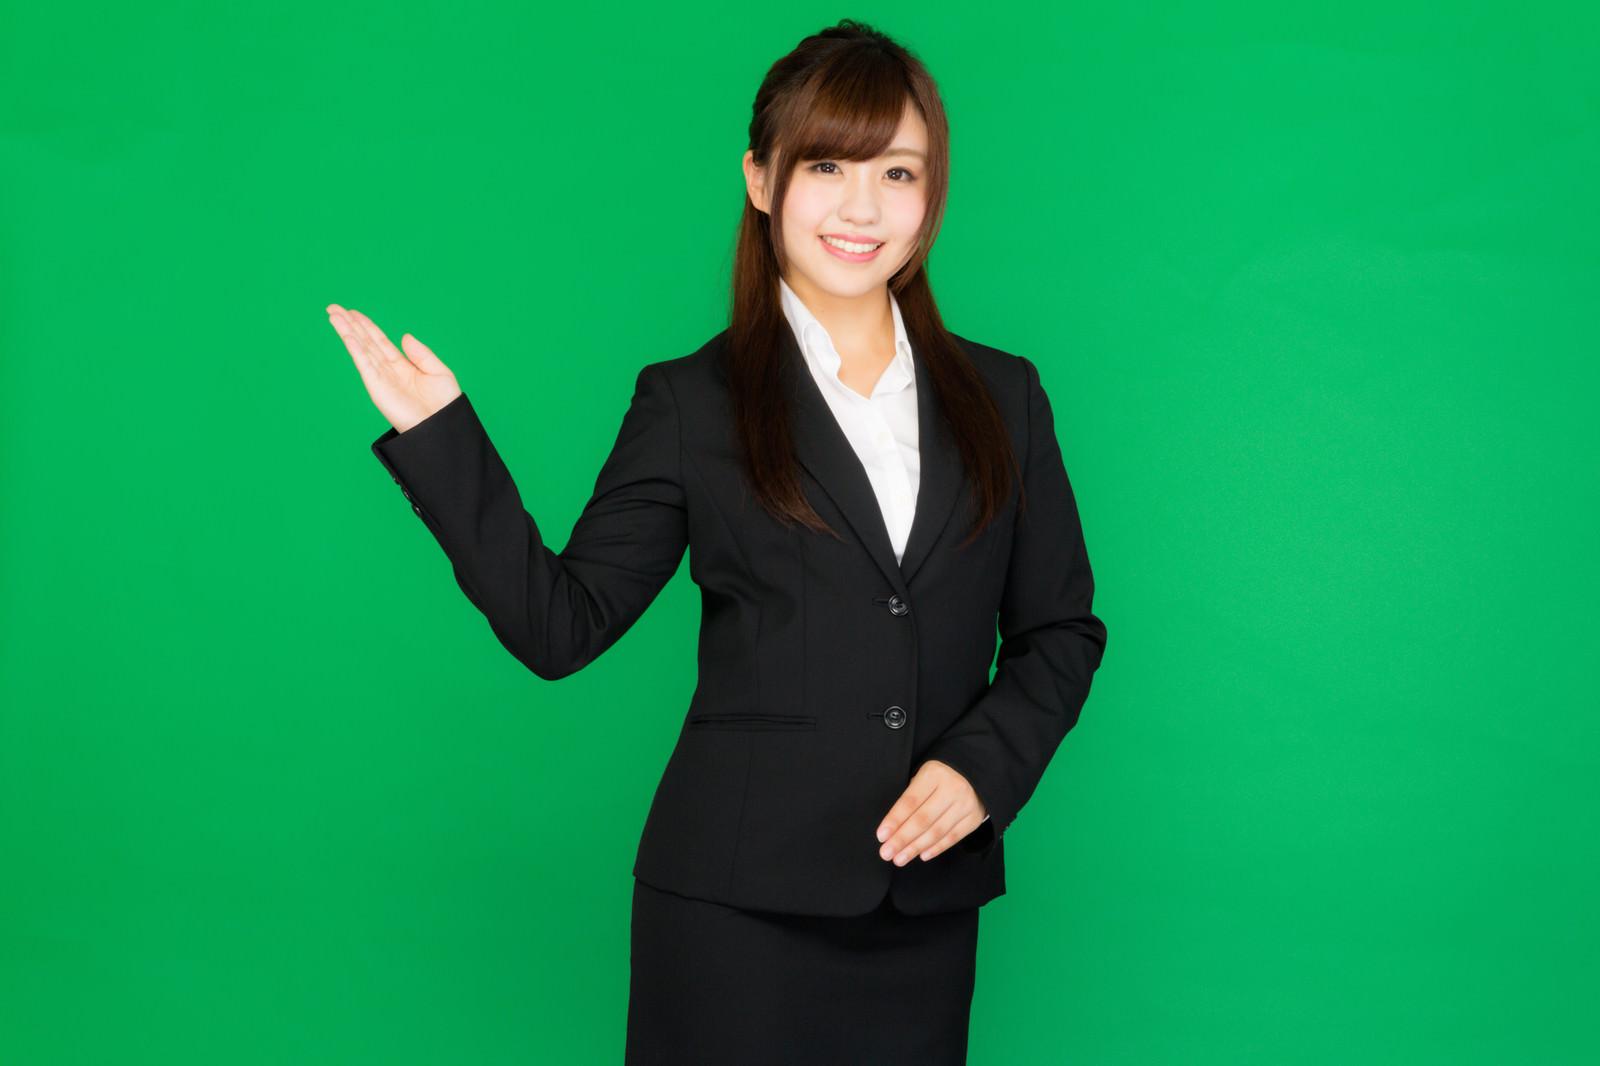 女性のお通夜の服装・マナー|スーツ/コート/ストッキング/タイツ